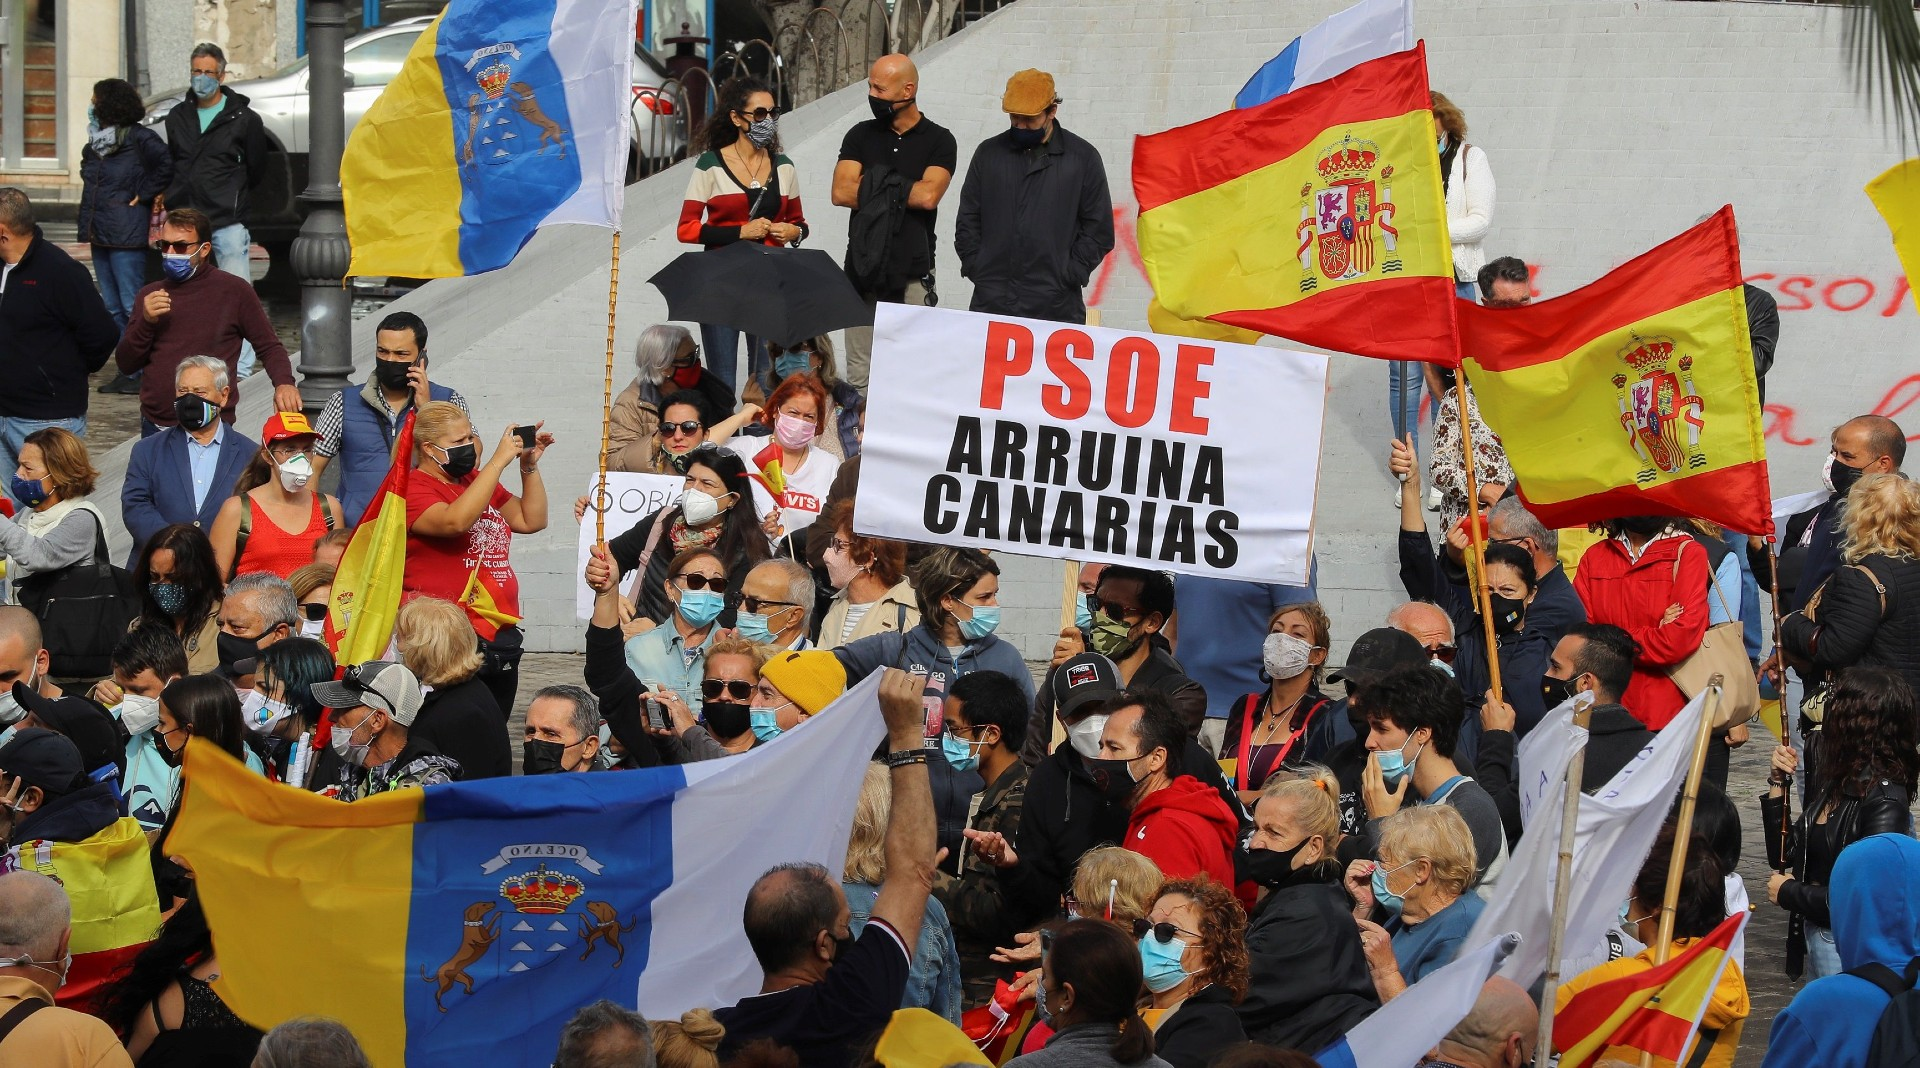 Ir al VideoNueva manifestación en Canarias contra la acogida de migrantes